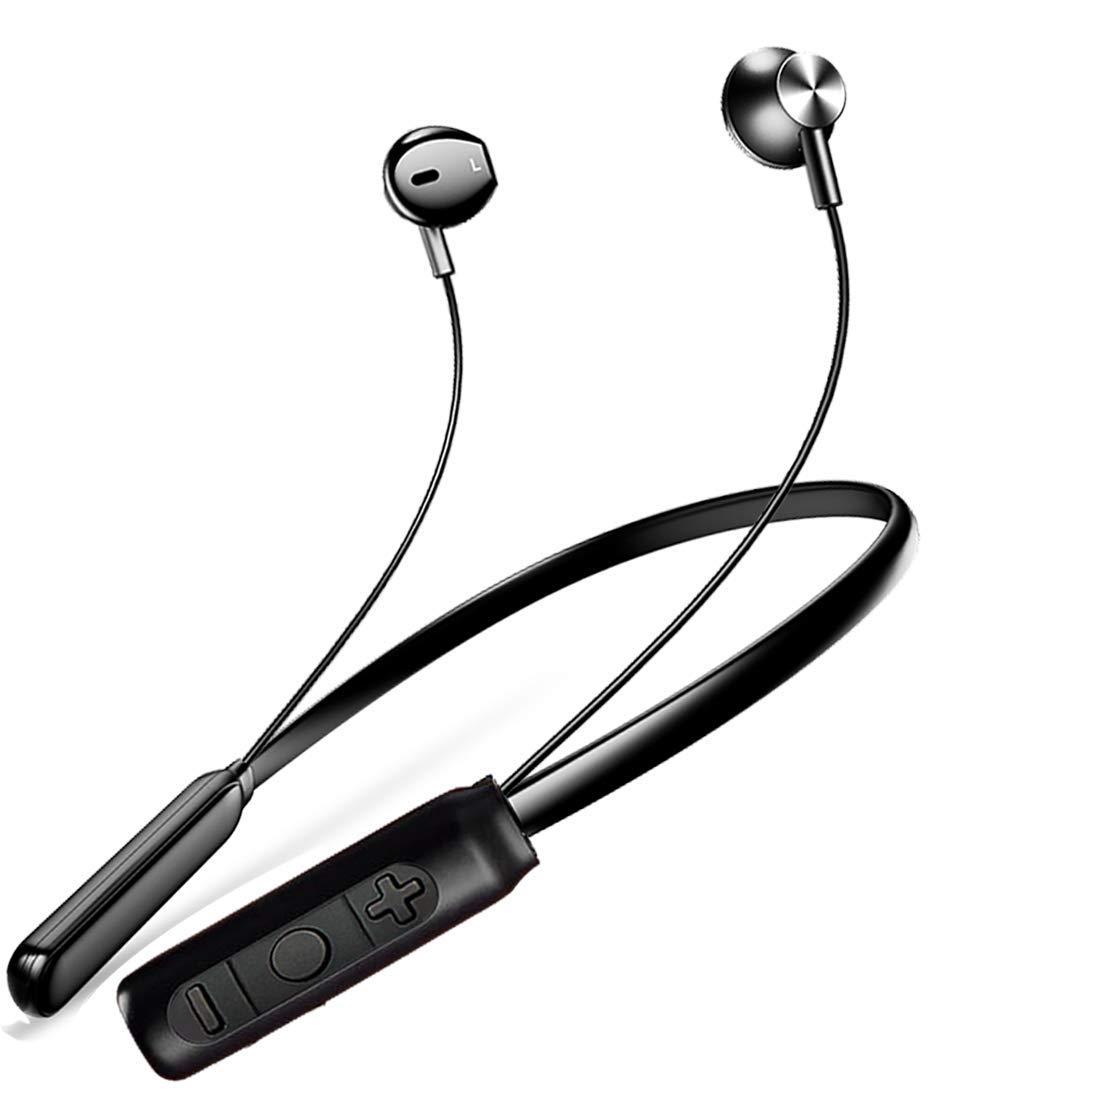 Ptron Tangent Pro Headphone Neckband Stereo Earphone